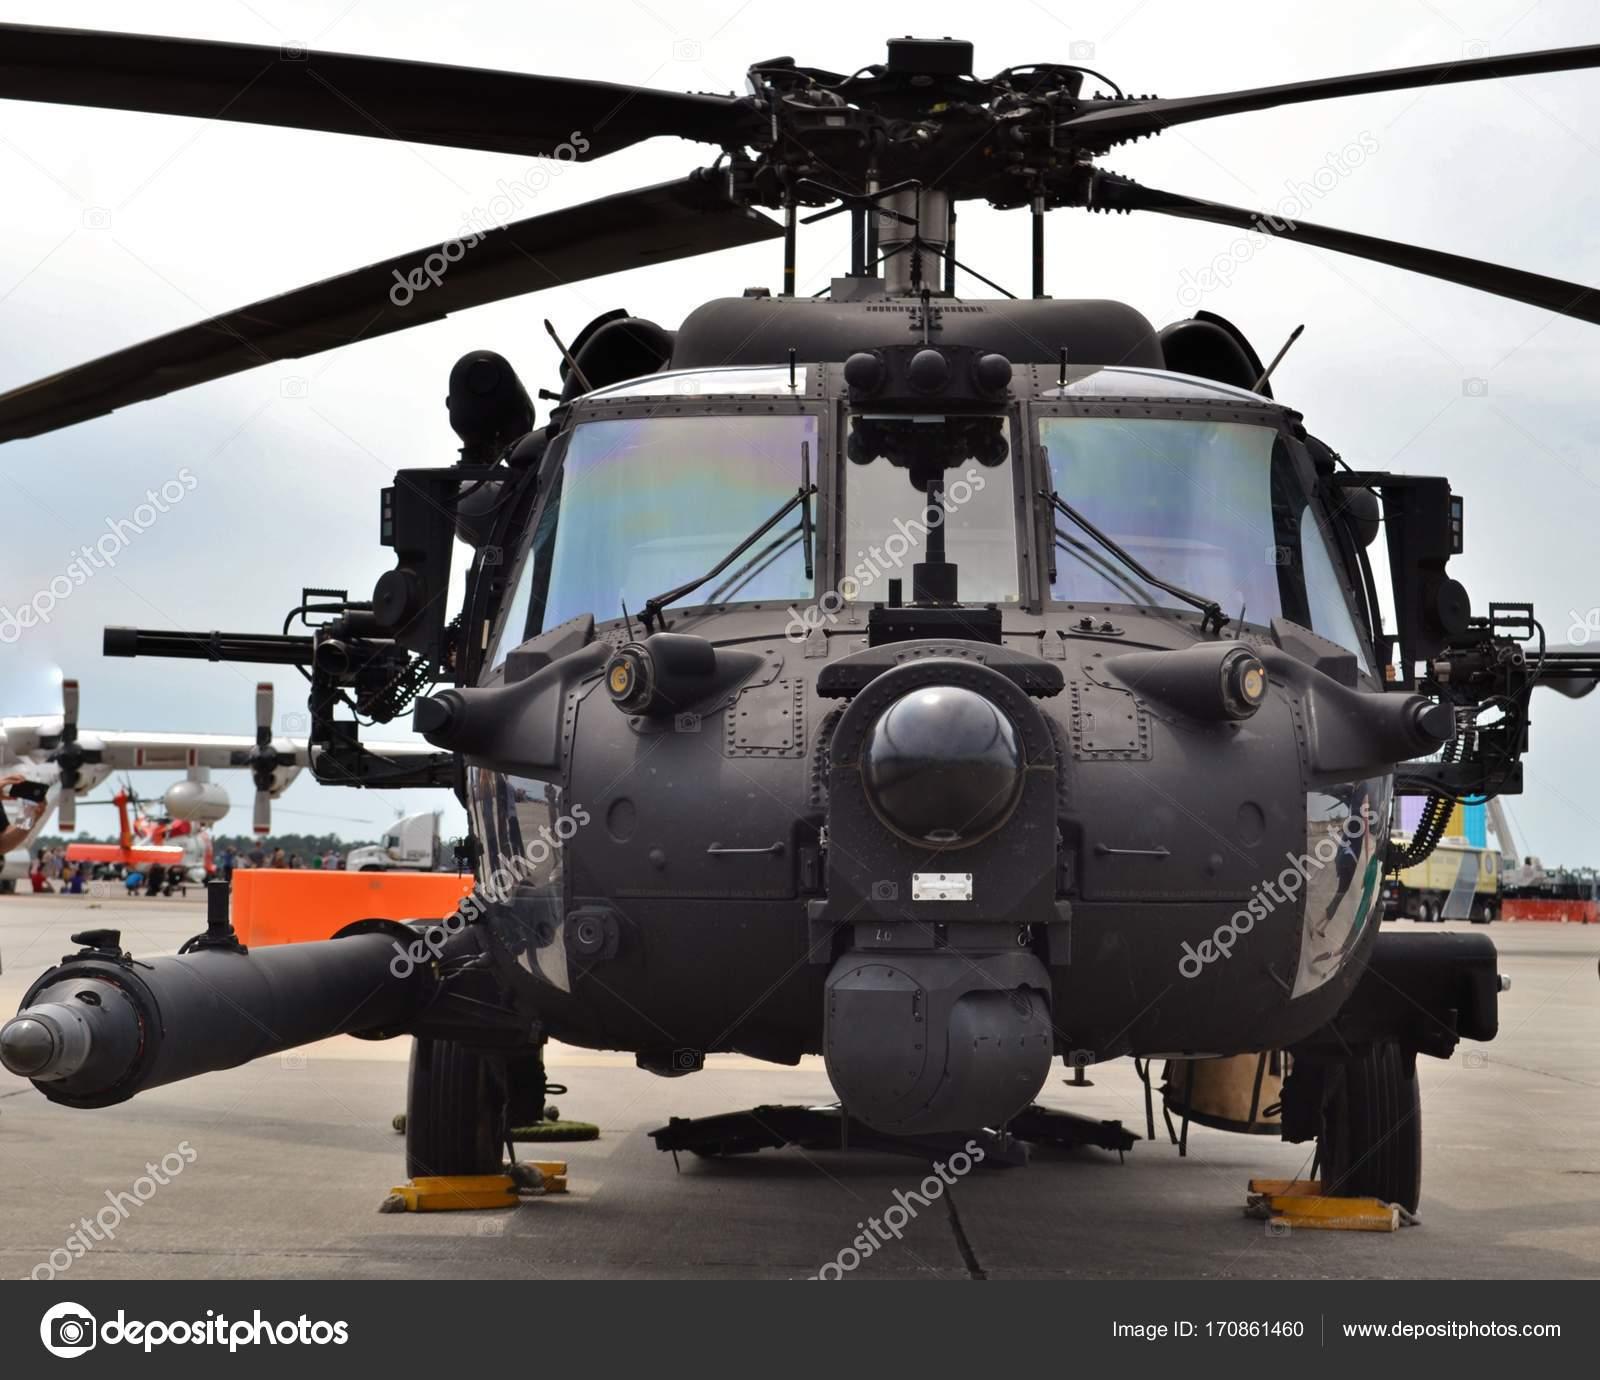 Elicottero 355 : Sikorsky realizza il primo elicottero a propulsione elettrica